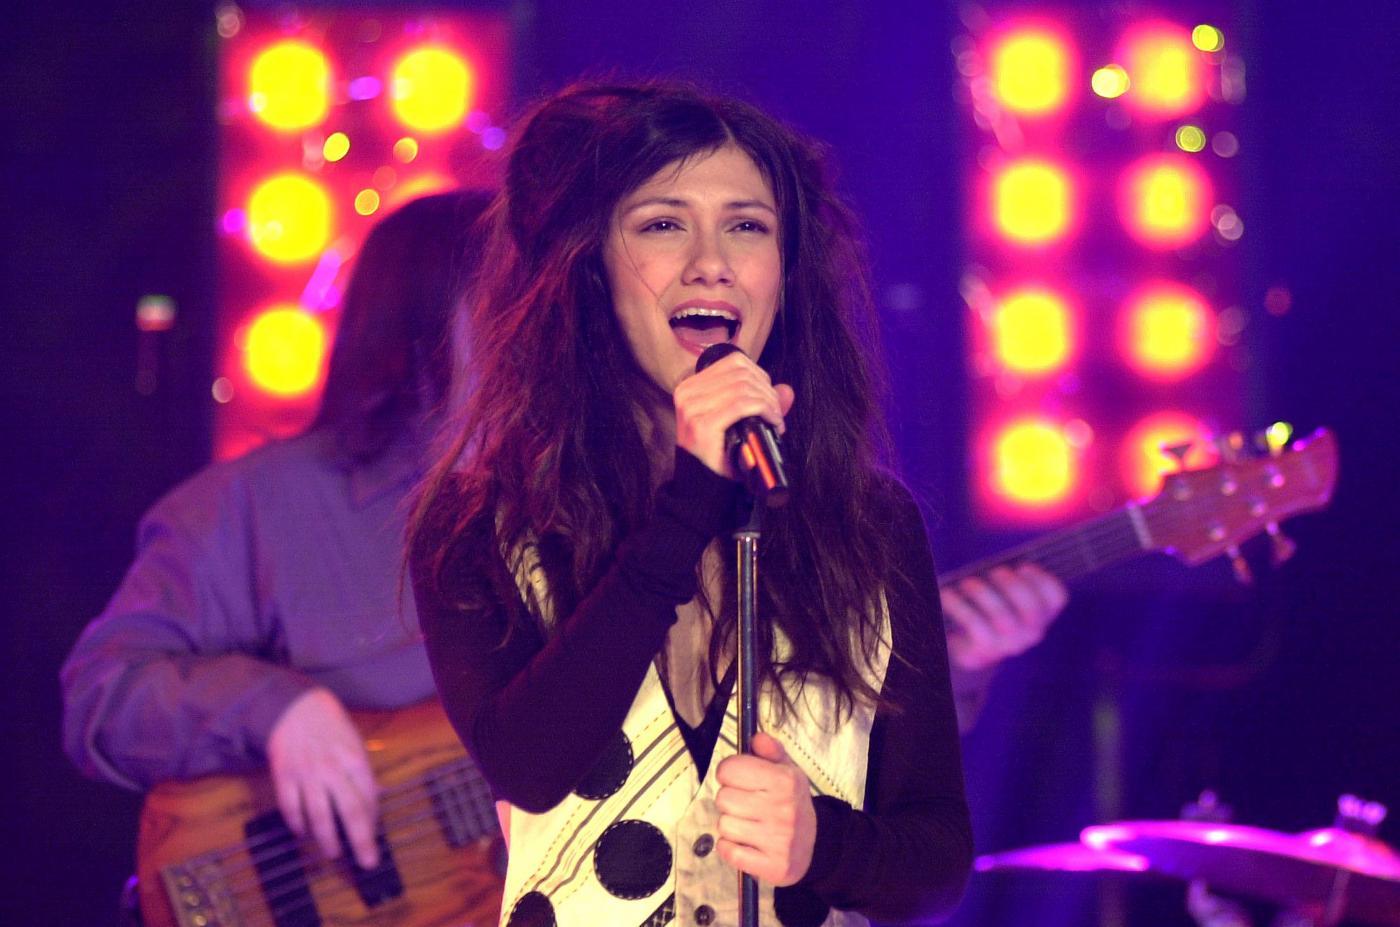 Elisa lascia Amici: 'Il mio futuro è la musica'